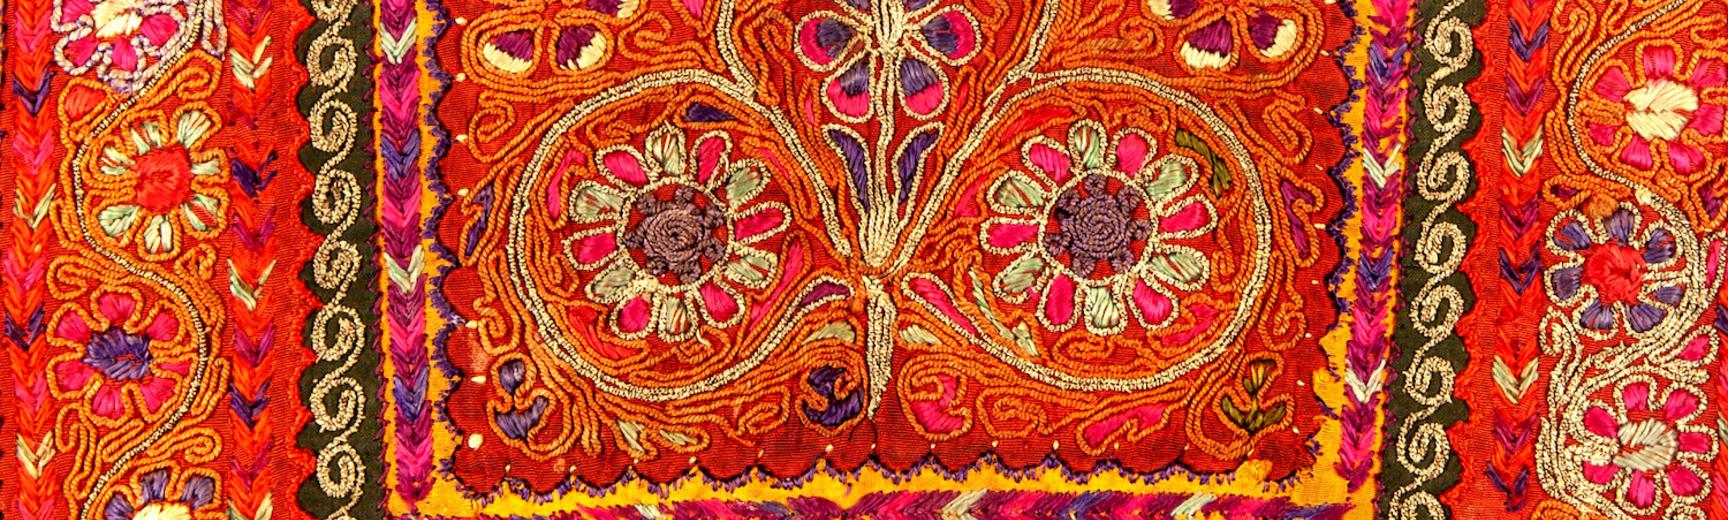 textile close-up